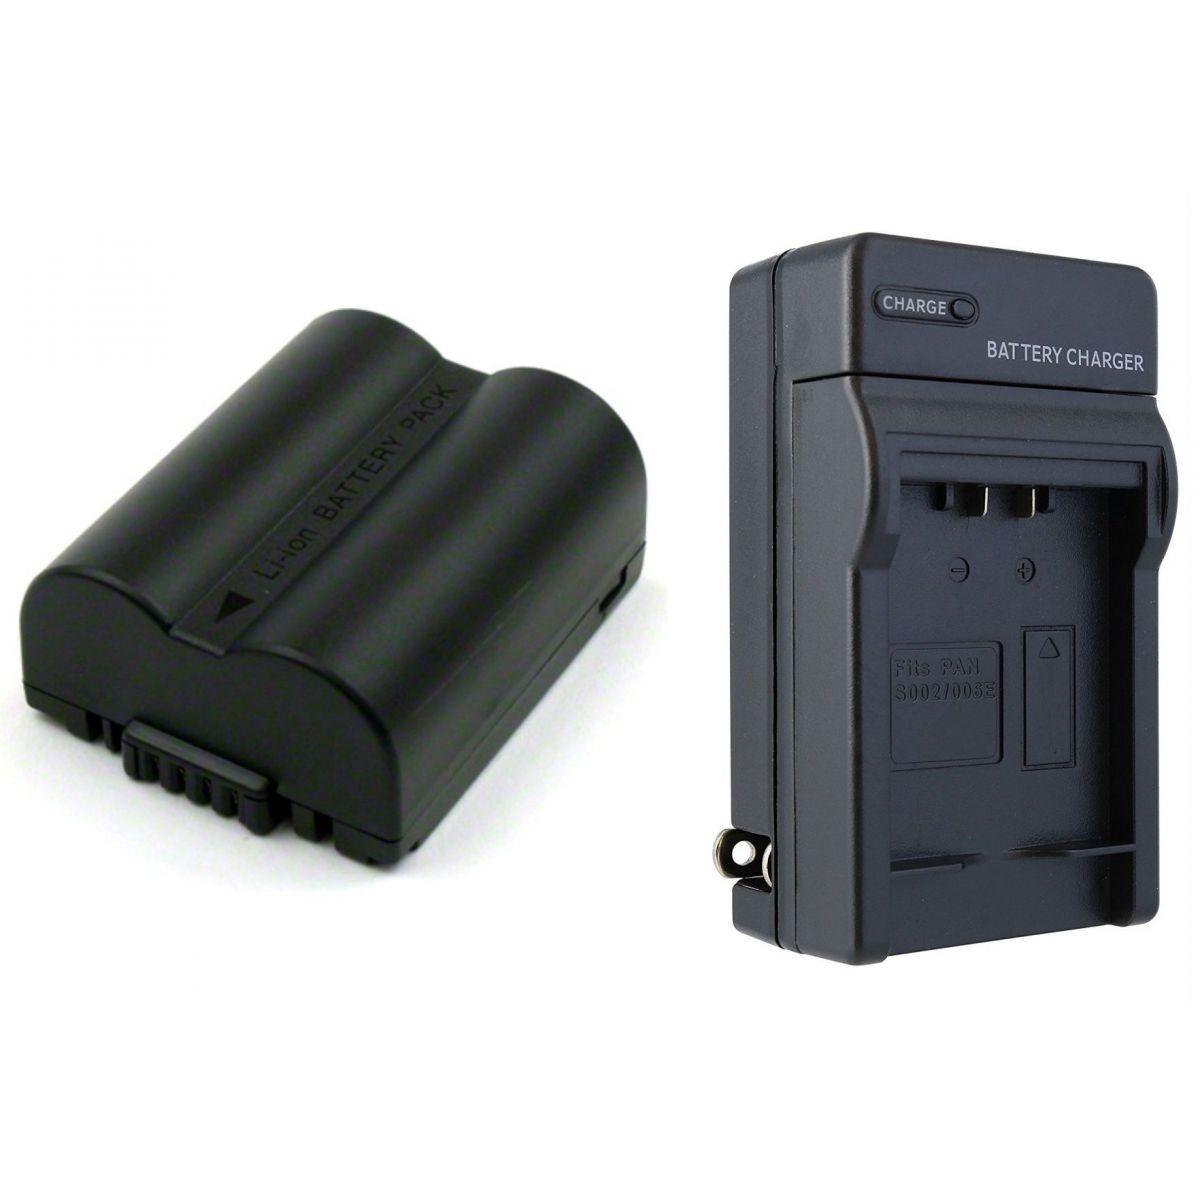 Kit Bateria CGA-S006E + Carregador para Panasonic Lumix DMC-FZ18, DMC-FZ30EG, DMC-FZ7BS, DMC-FZ8